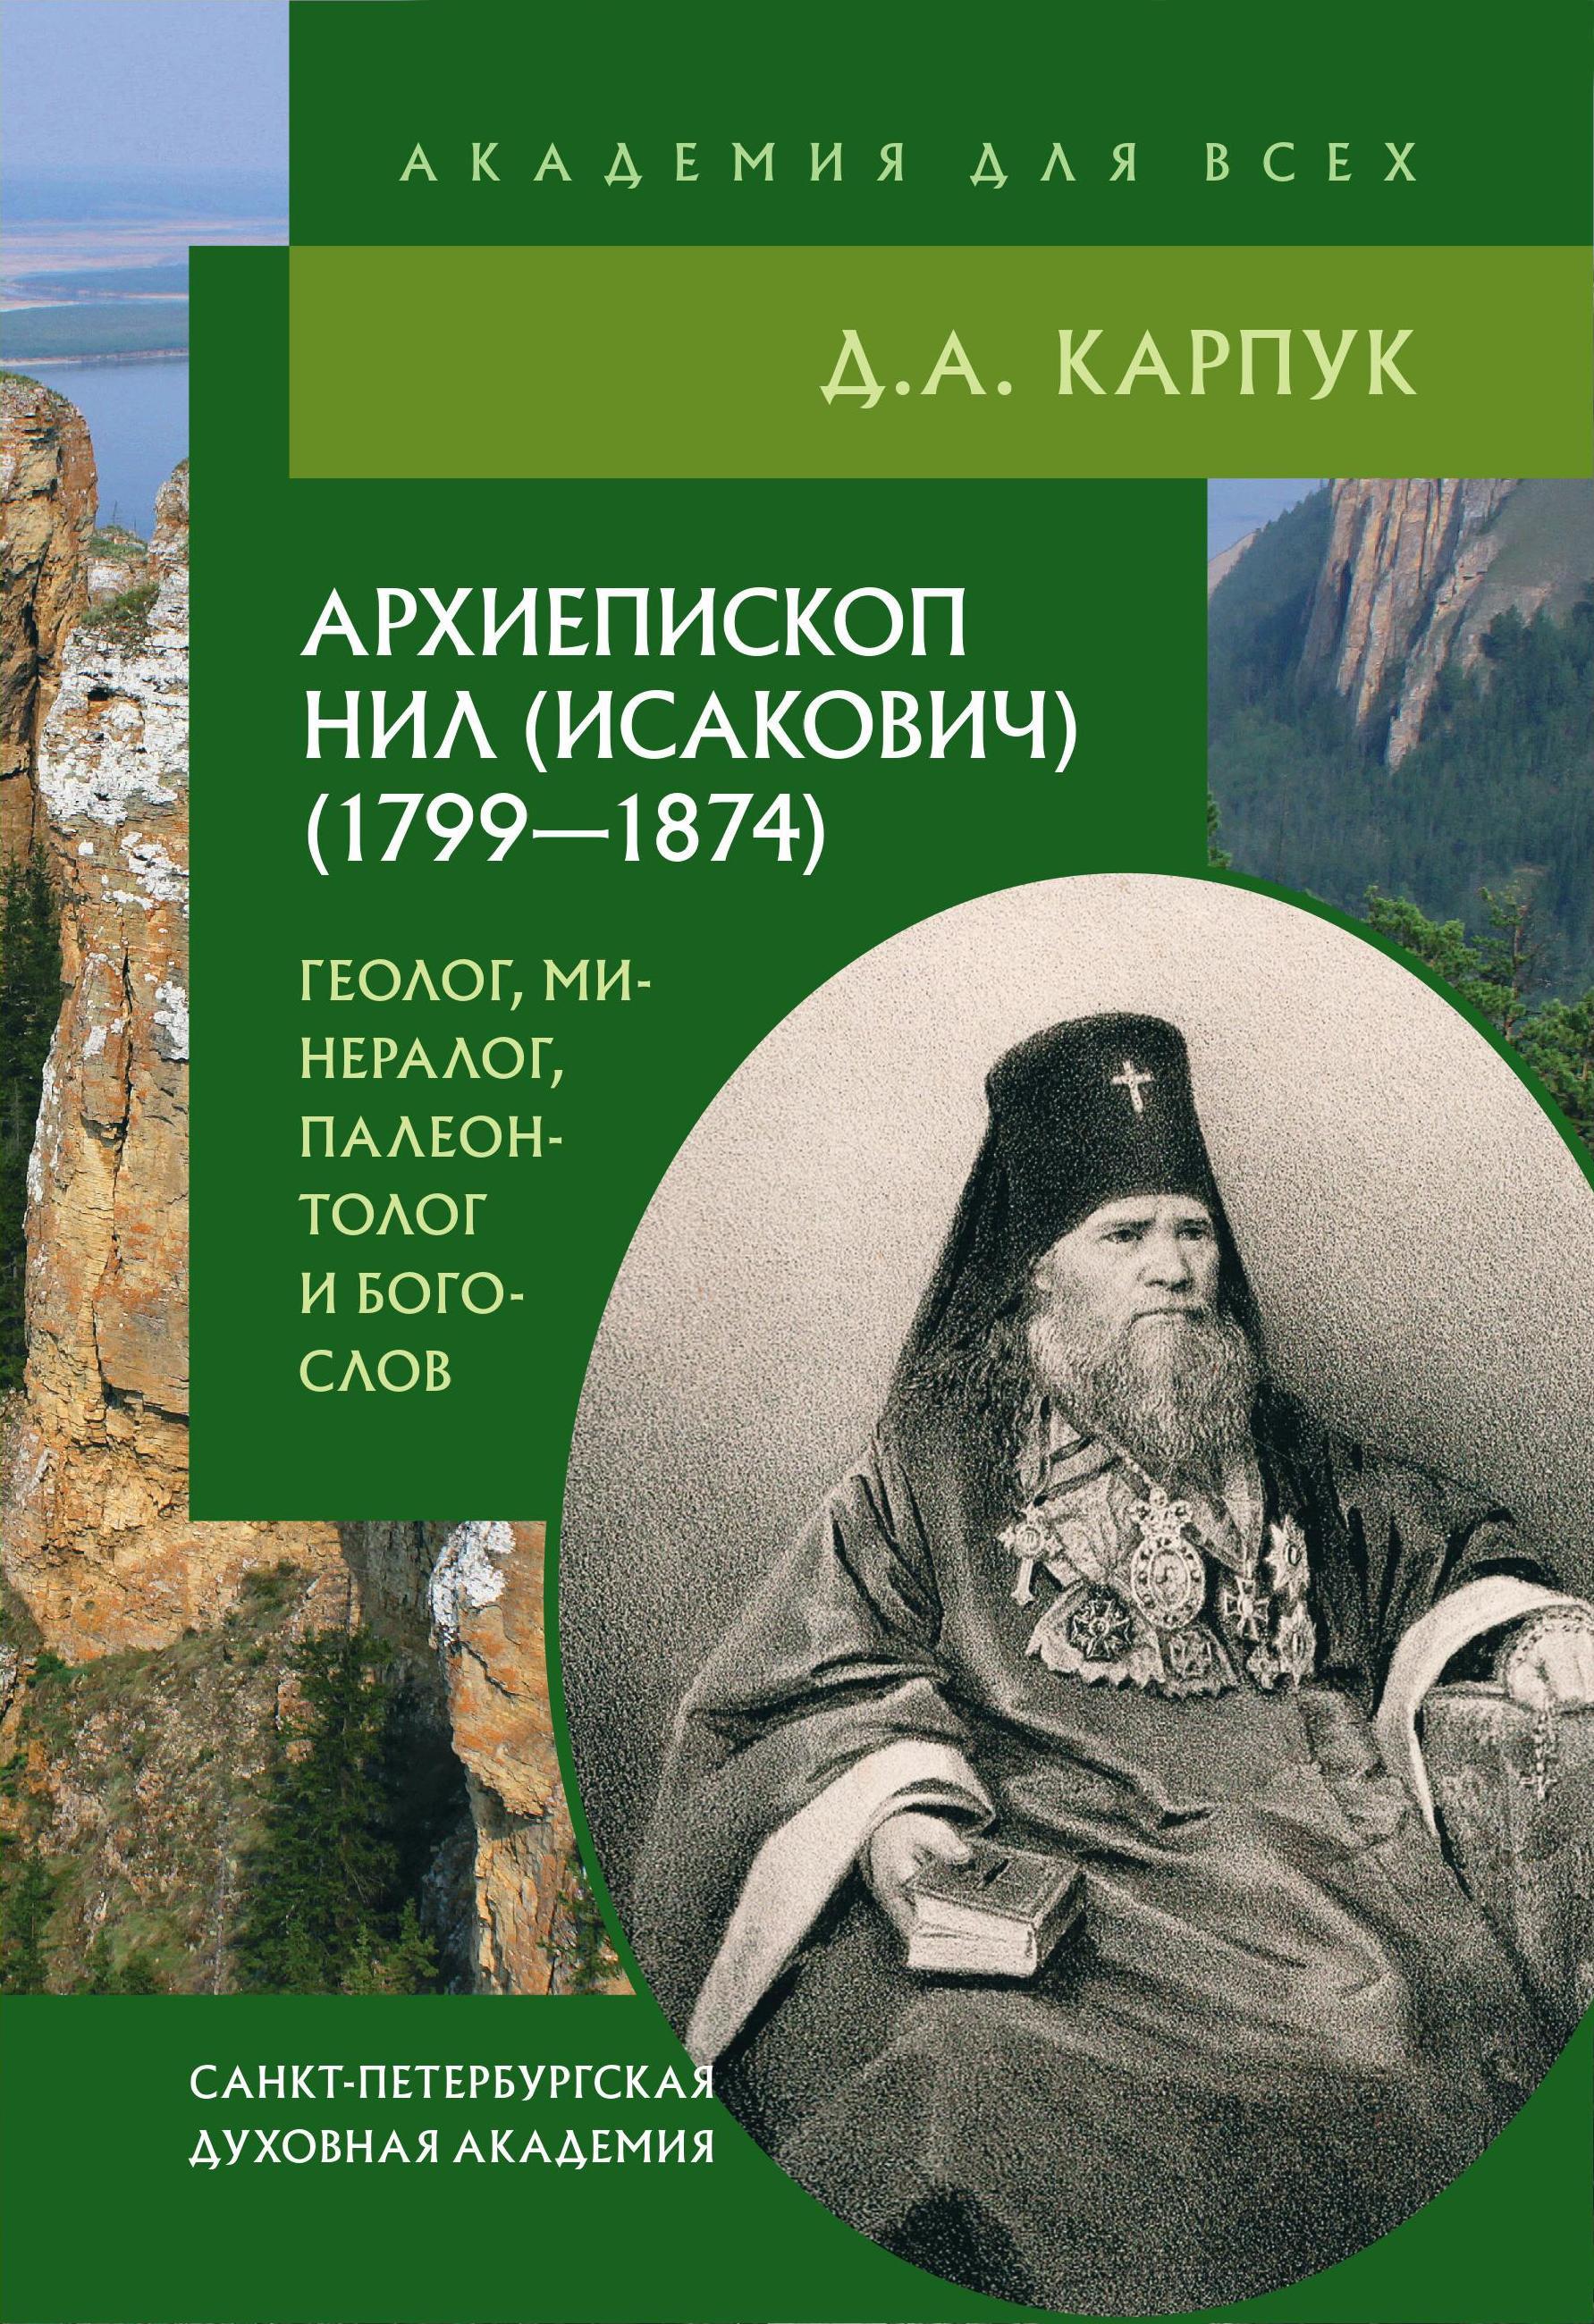 Архиепископ Нил (Исакович) (1799–1874): геолог, минералог, палеонтолог и богослов